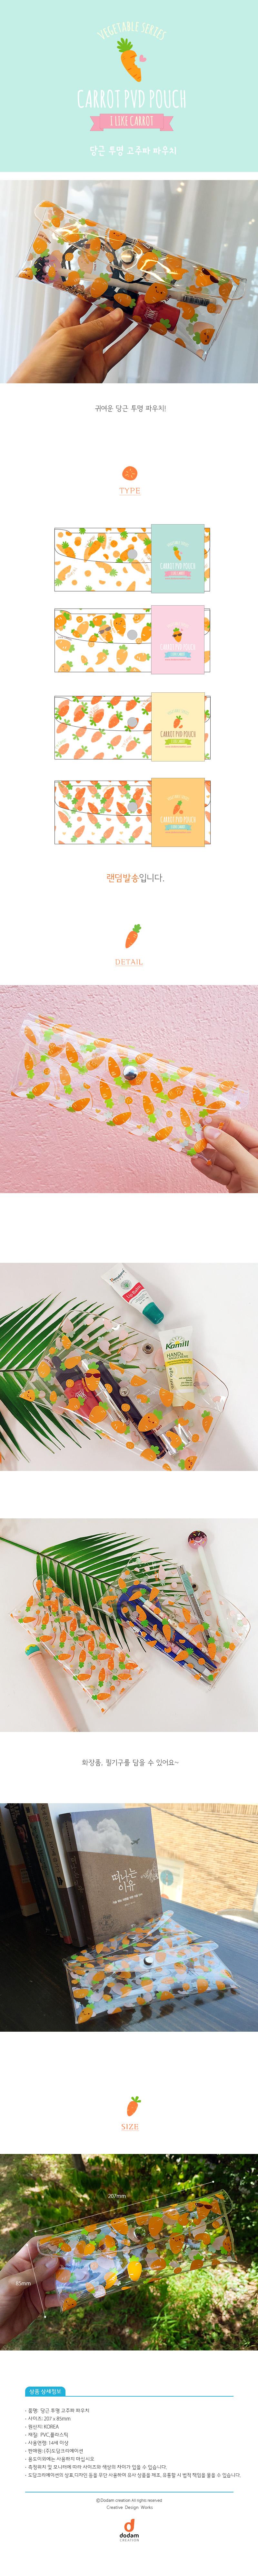 3500 당근투명고주파 파우치 8283 - 도담크리에이션, 3,200원, 투명/플라스틱필통, 패턴